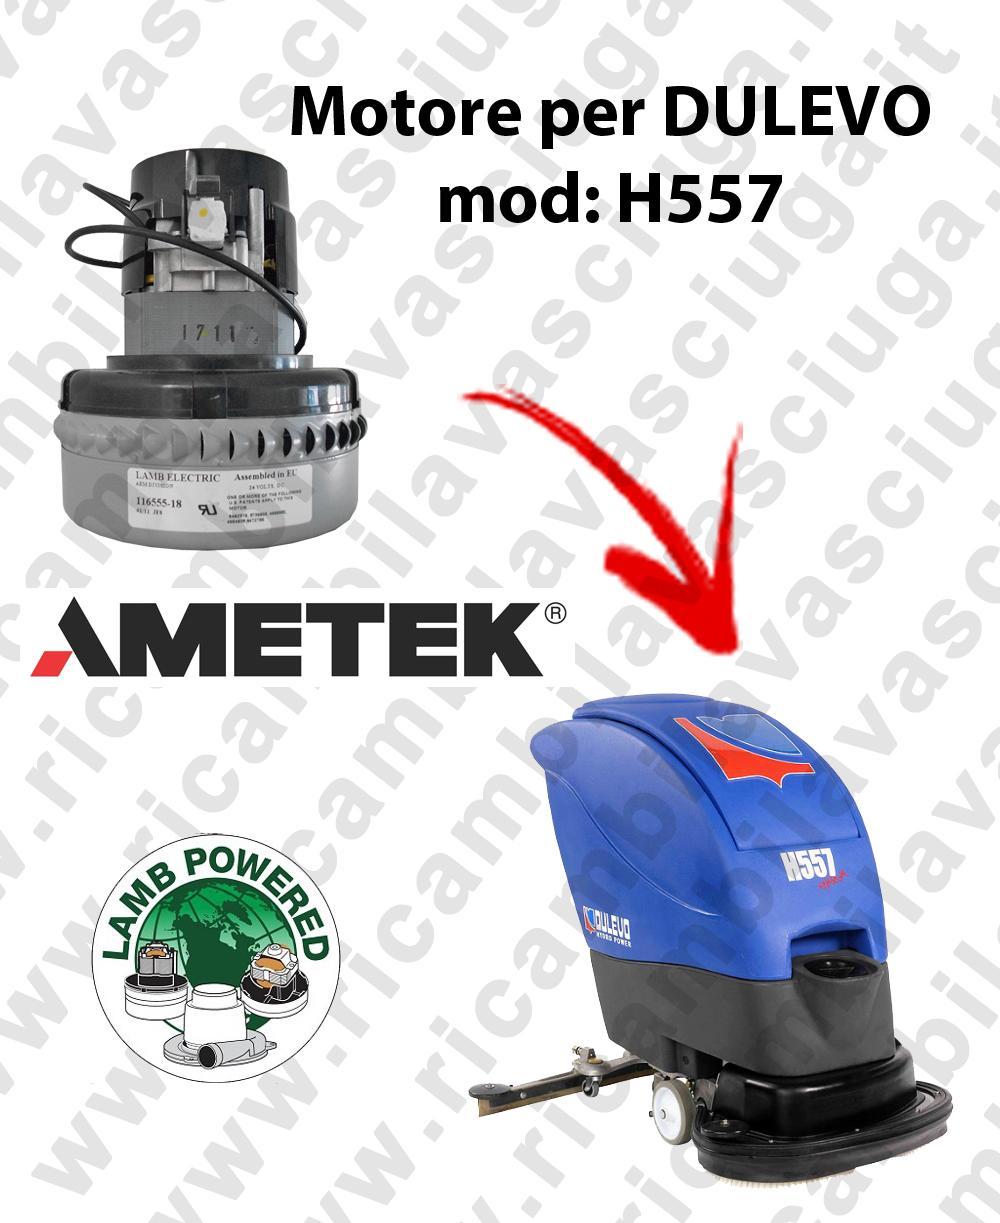 H557 MOTORE LAMB AMETEK di aspirazione per lavapavimenti DULEVO